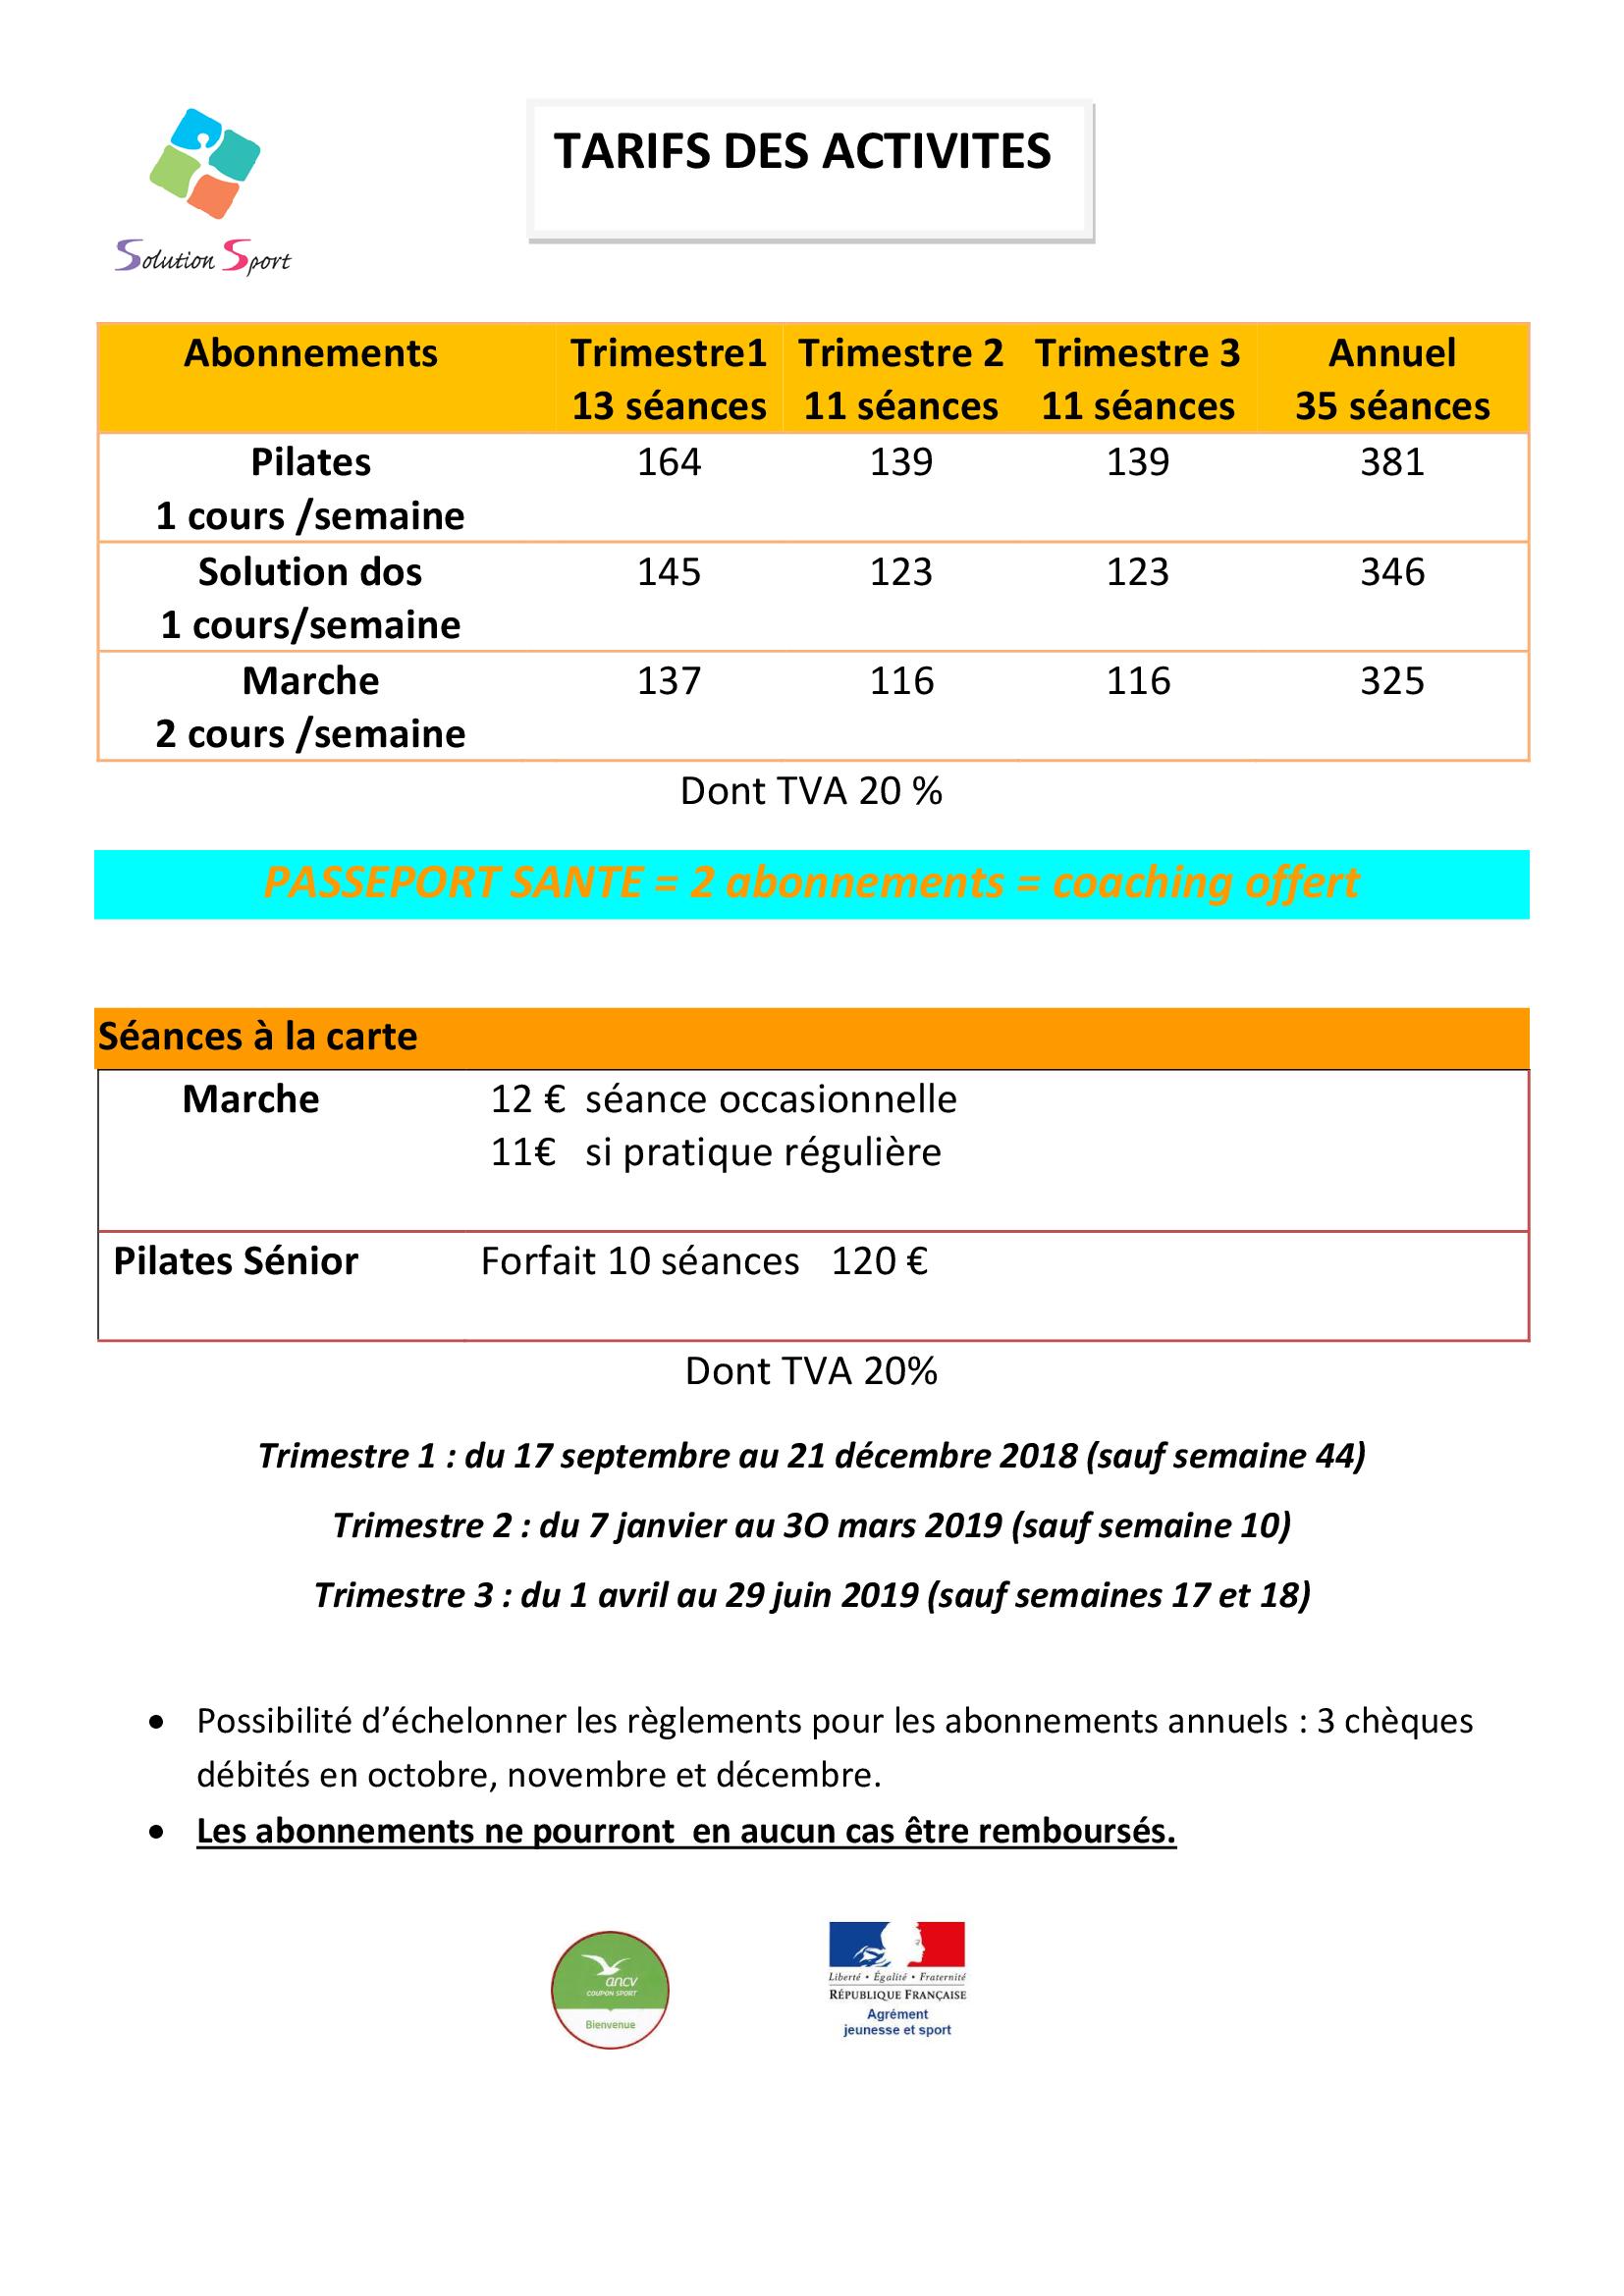 TARIFS-DES-ACTIVITES-année-2018(1)